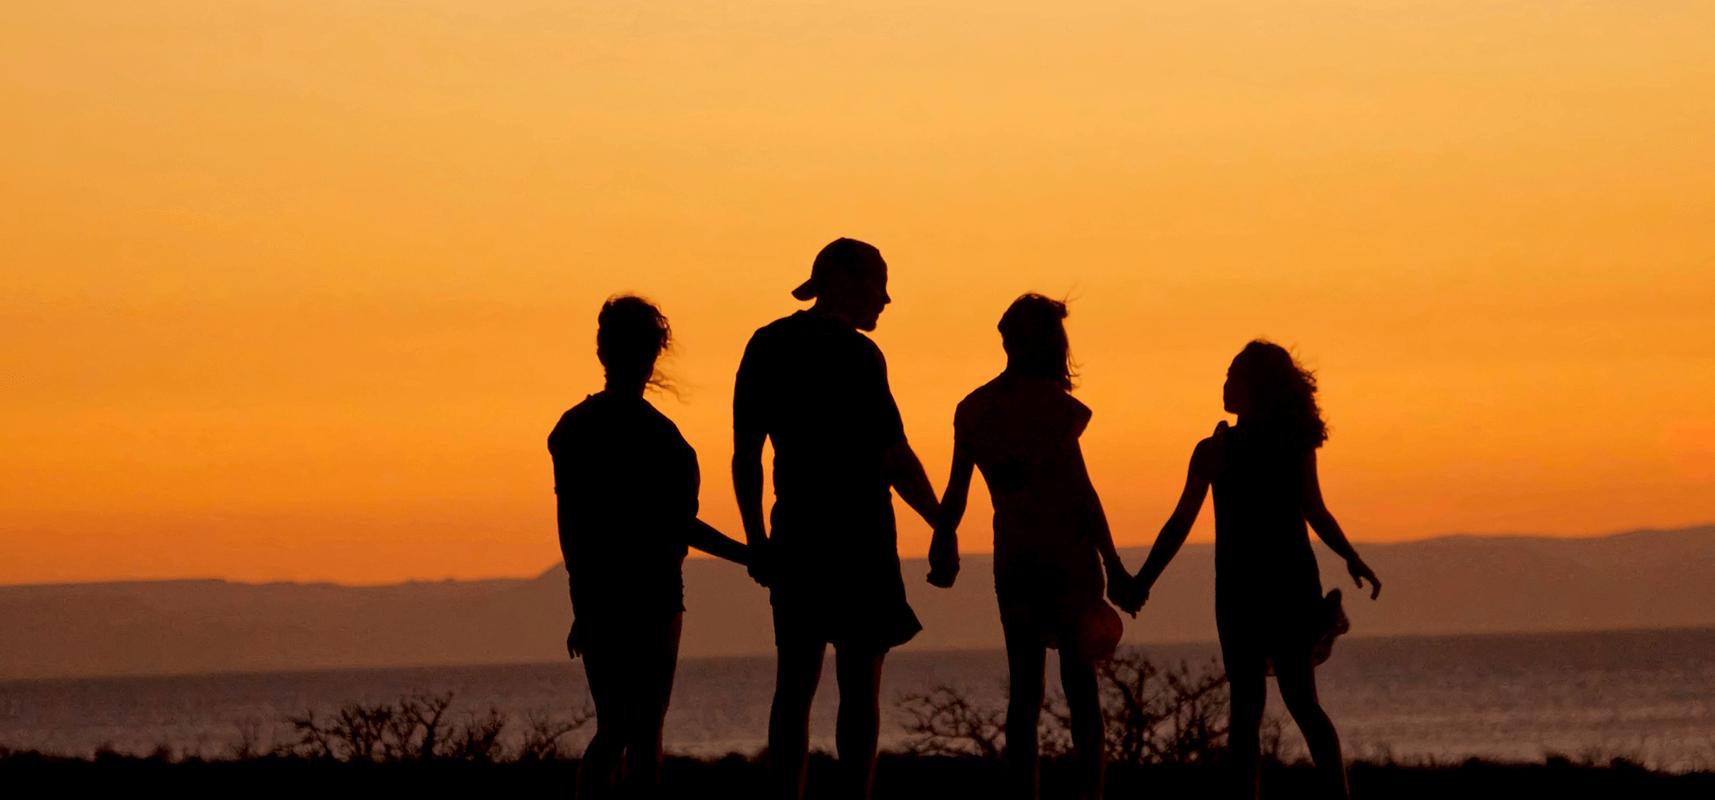 Famille devant un coucher de soleil main dans la main.